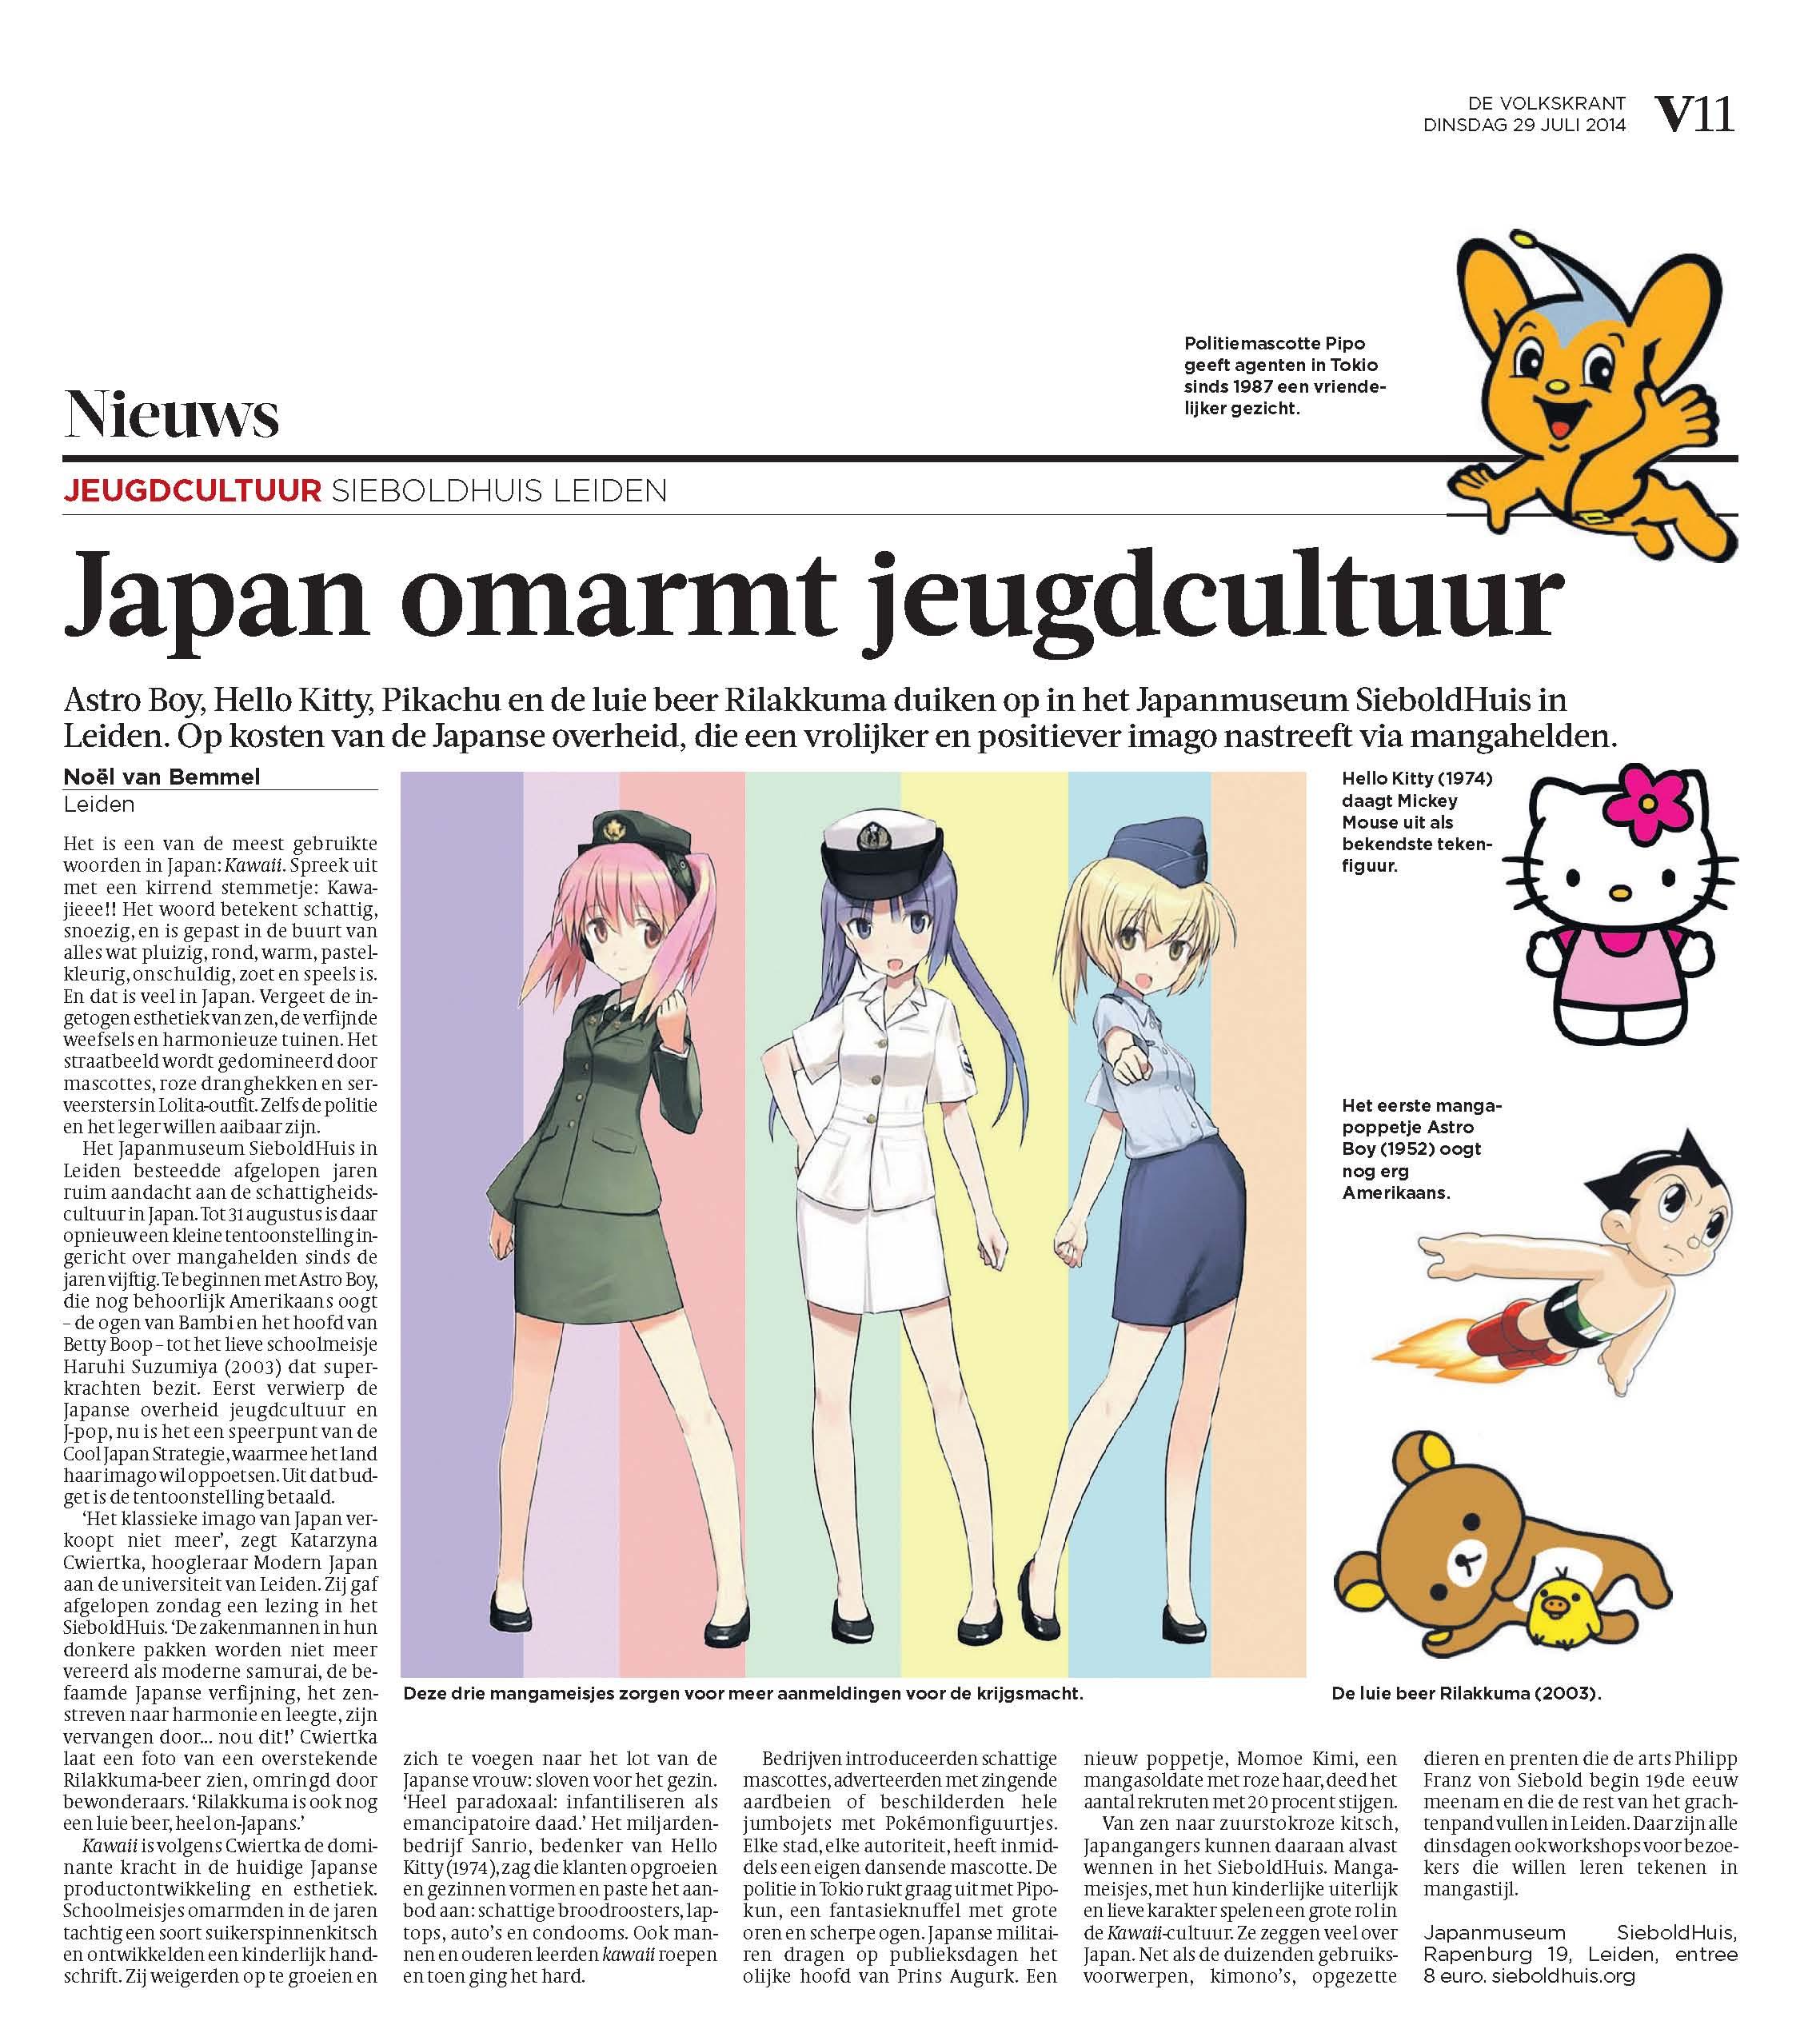 artikel volkskrant 29 juli